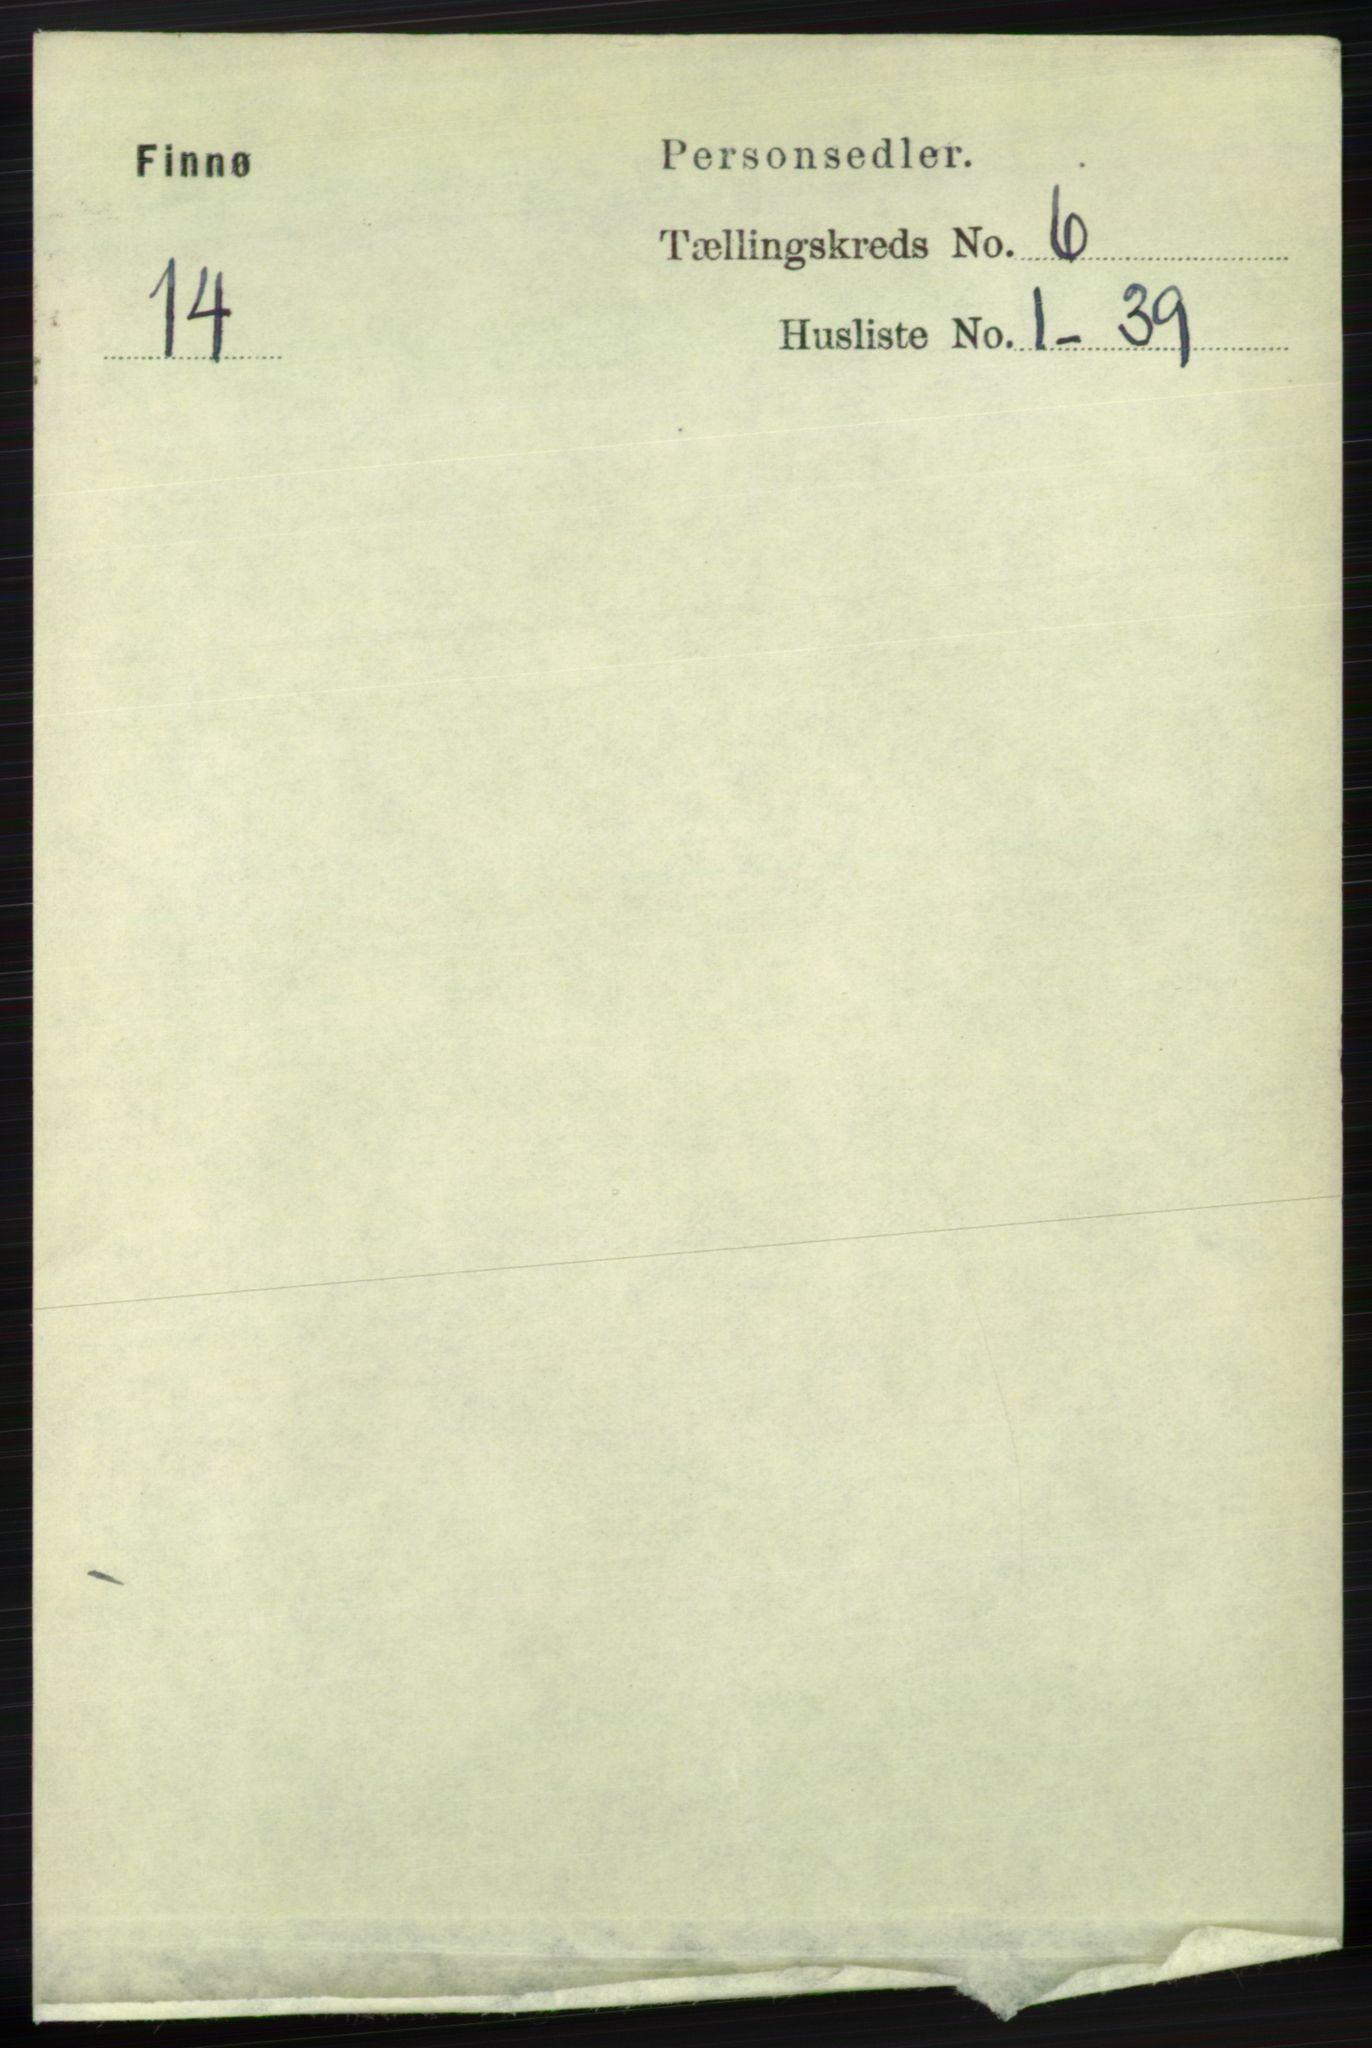 RA, Folketelling 1891 for 1141 Finnøy herred, 1891, s. 1284